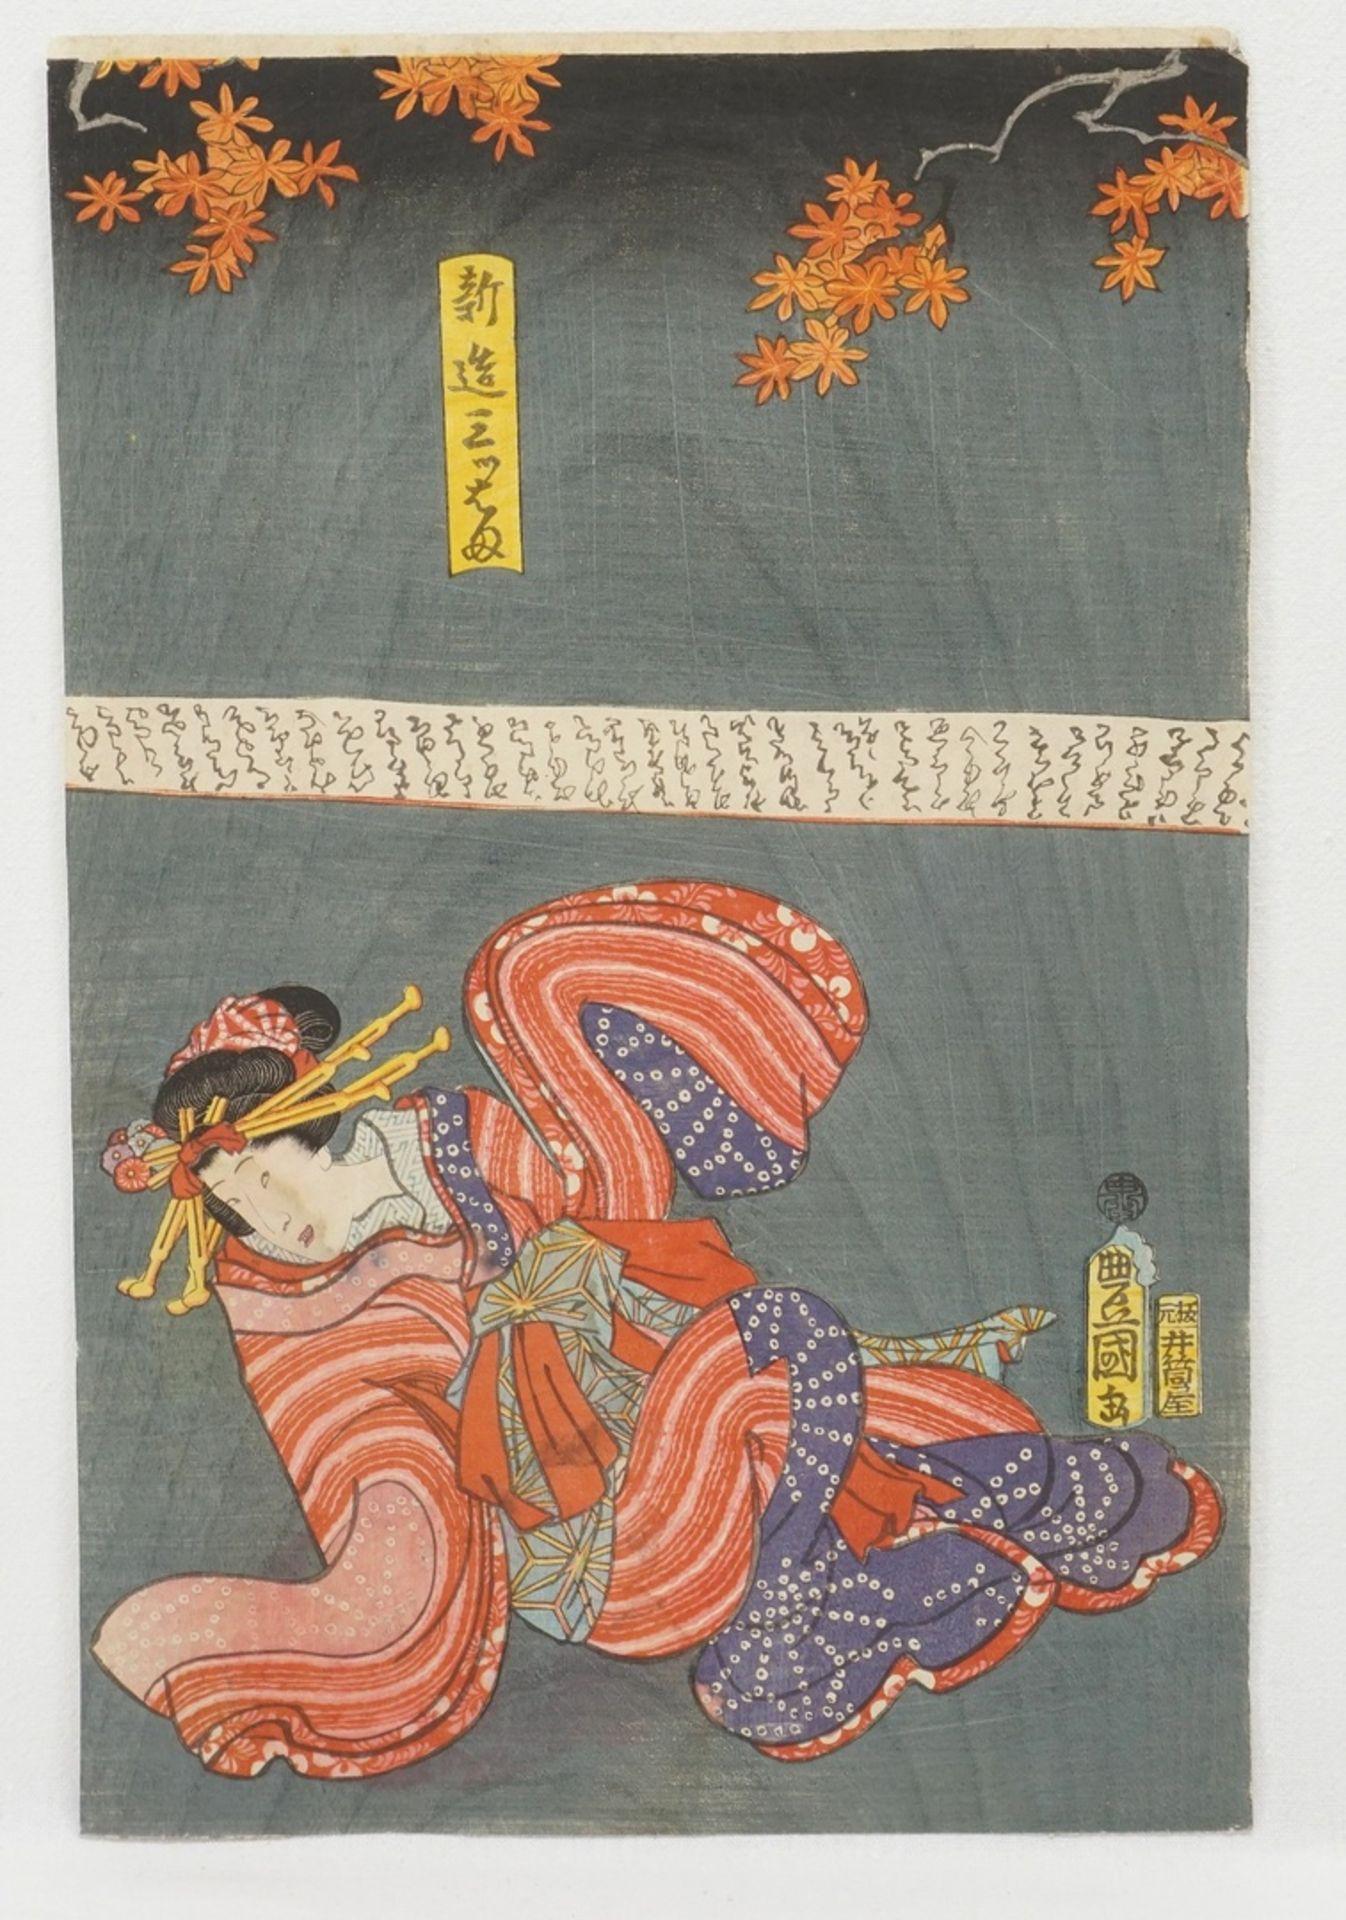 Drei Holzschnitte mit Frauen, Japan, wohl 2. Hälfte 19. Jh. - Bild 2 aus 4